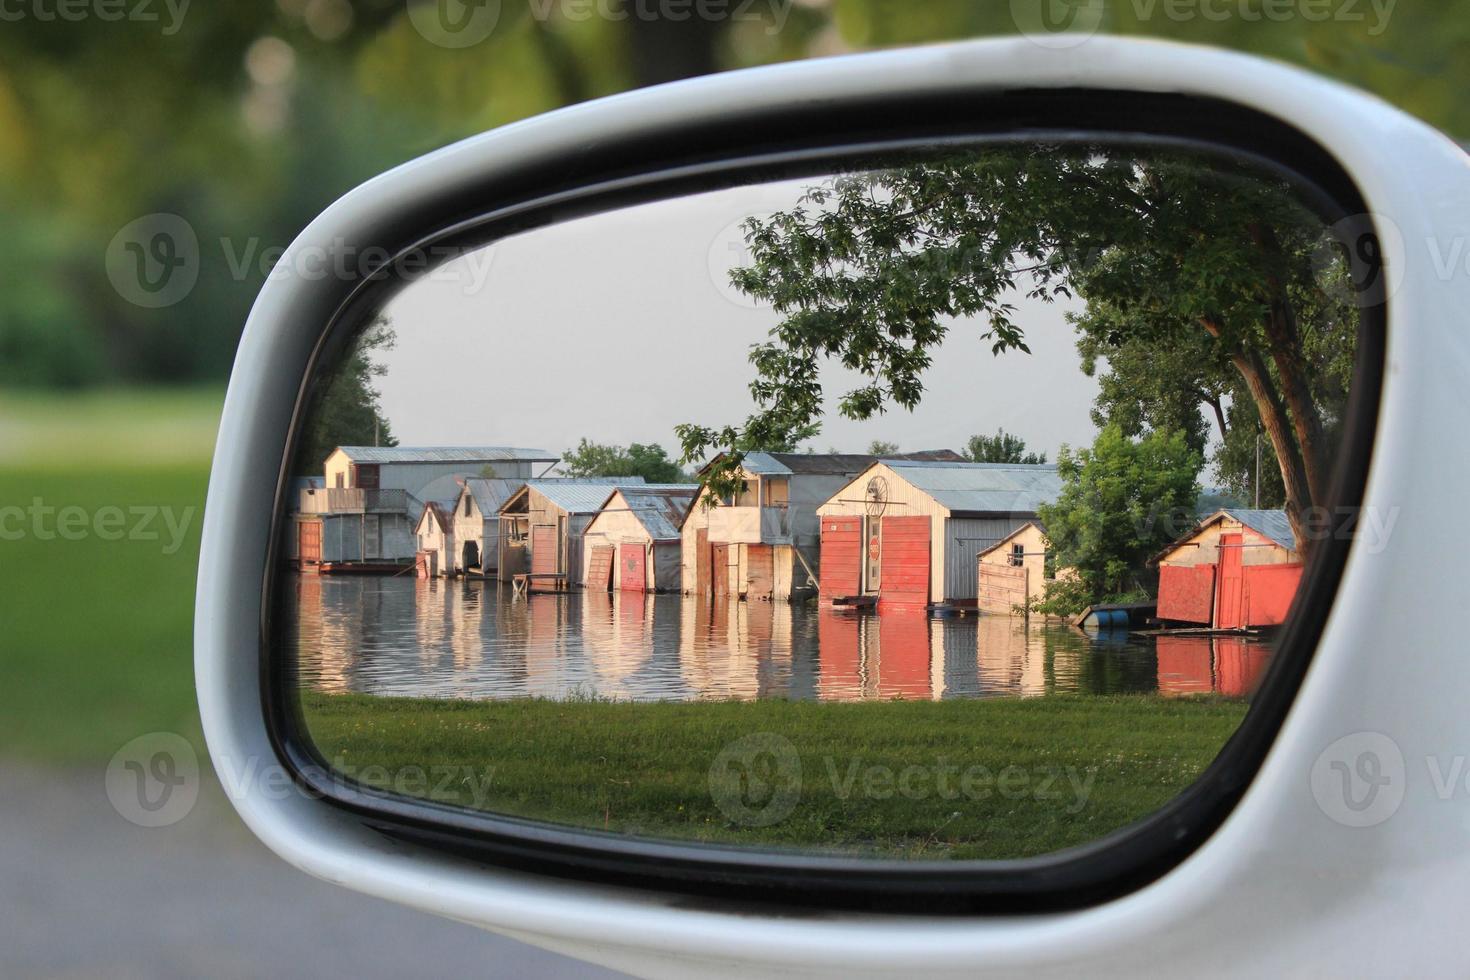 weerspiegeling in zijspiegel van auto, van botenhuizen weerspiegeld in water foto